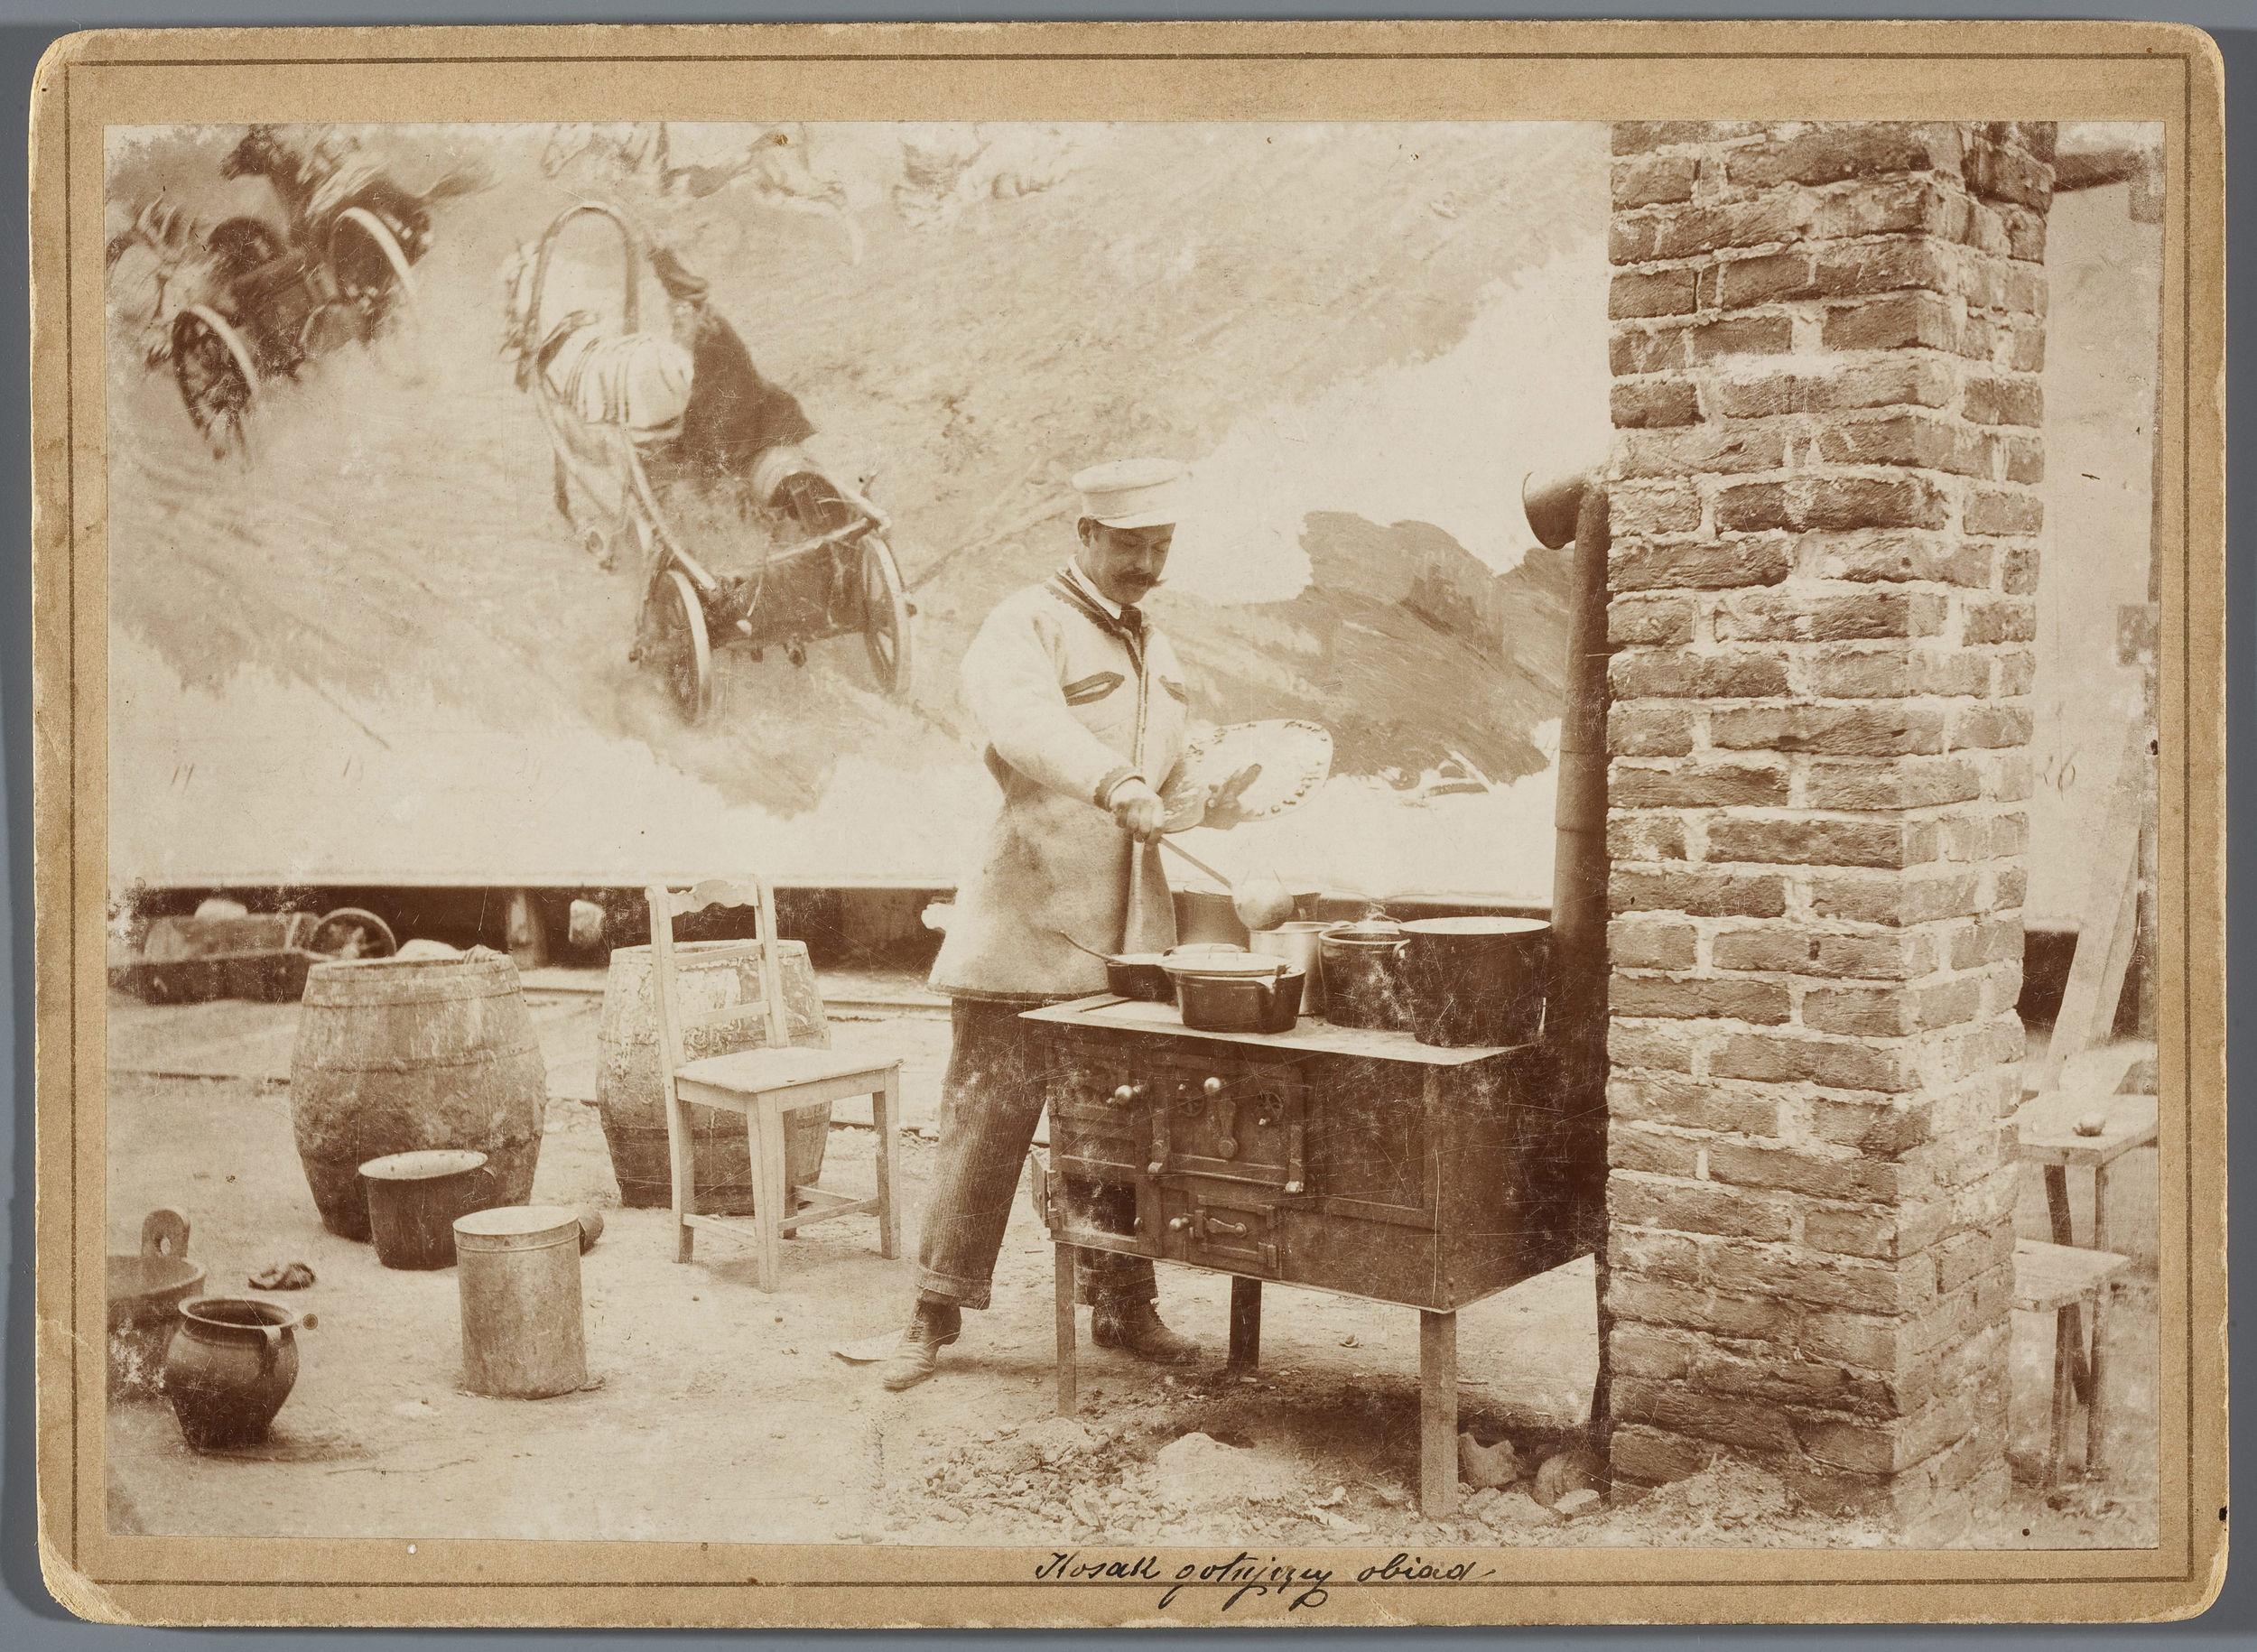 Wojciech Kossak z paletą w ręce gotujący obiad na prowizorycznej kuchni w rotundzie Panoramy Racławickiej, ok. 1893 roku, źródło: Muzeum Narodowe w Warszawie